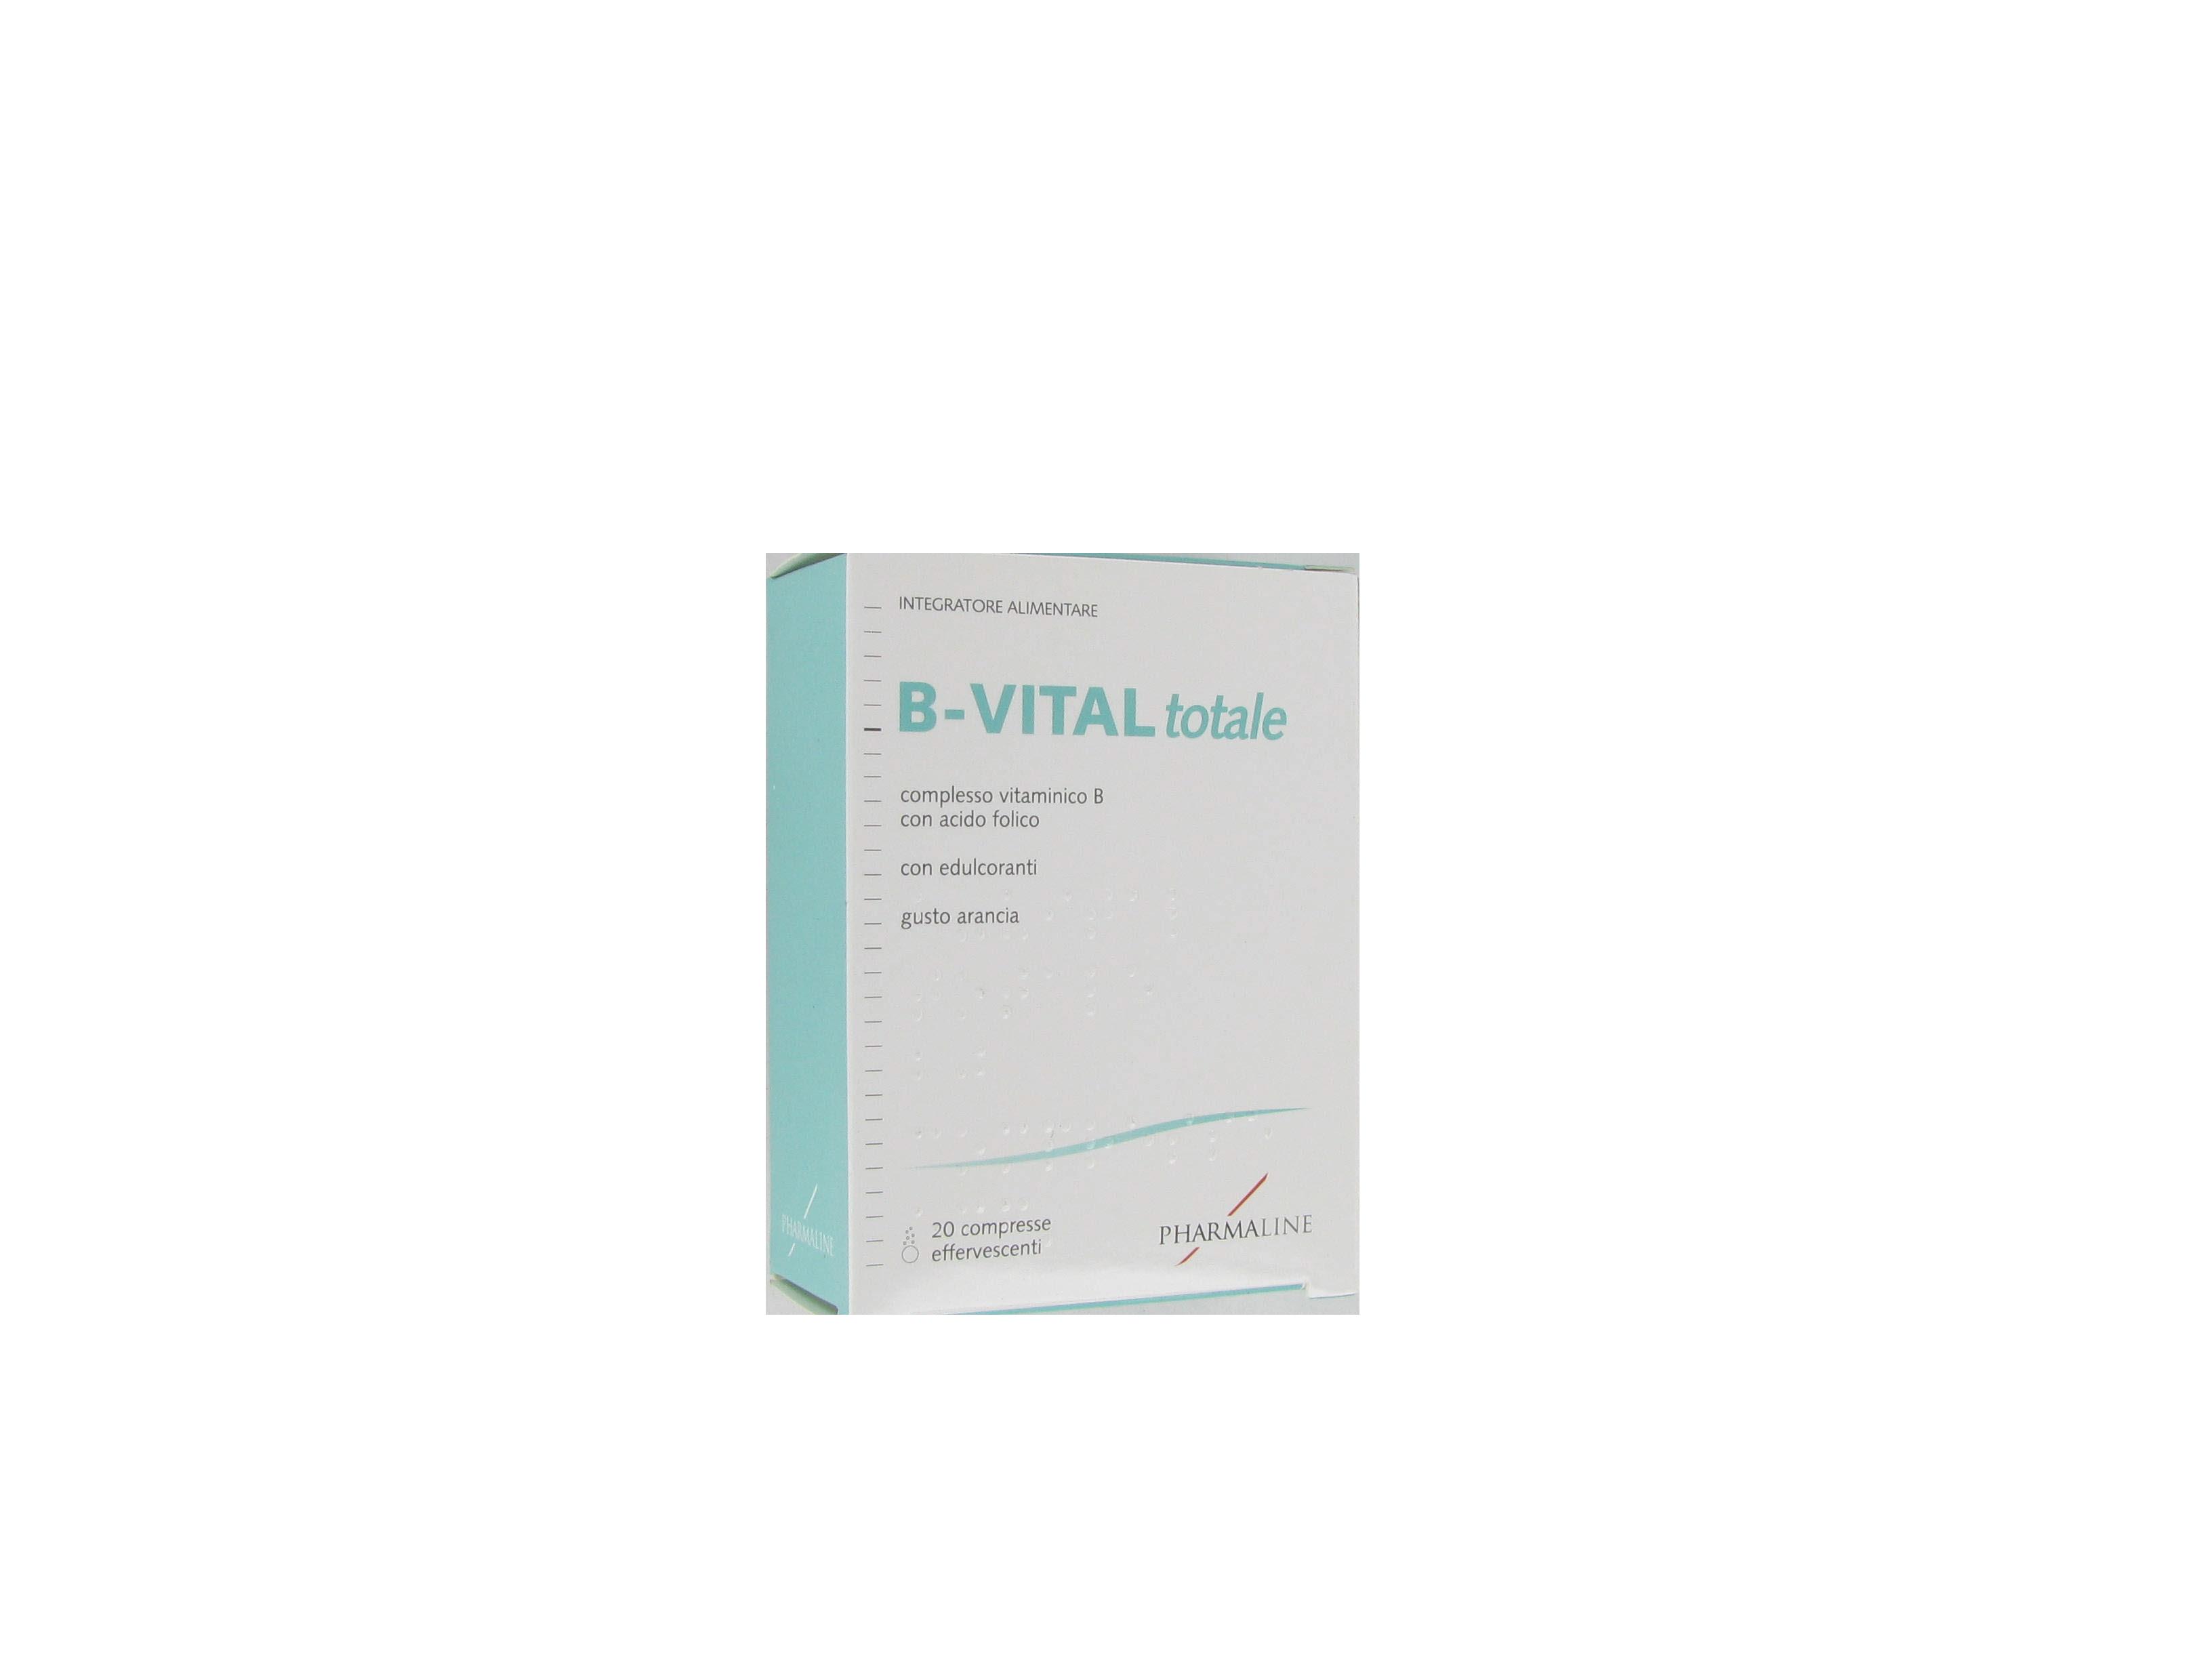 b-vital totale integratore alimentare costituito da una formulazione polivitaminica che comprende